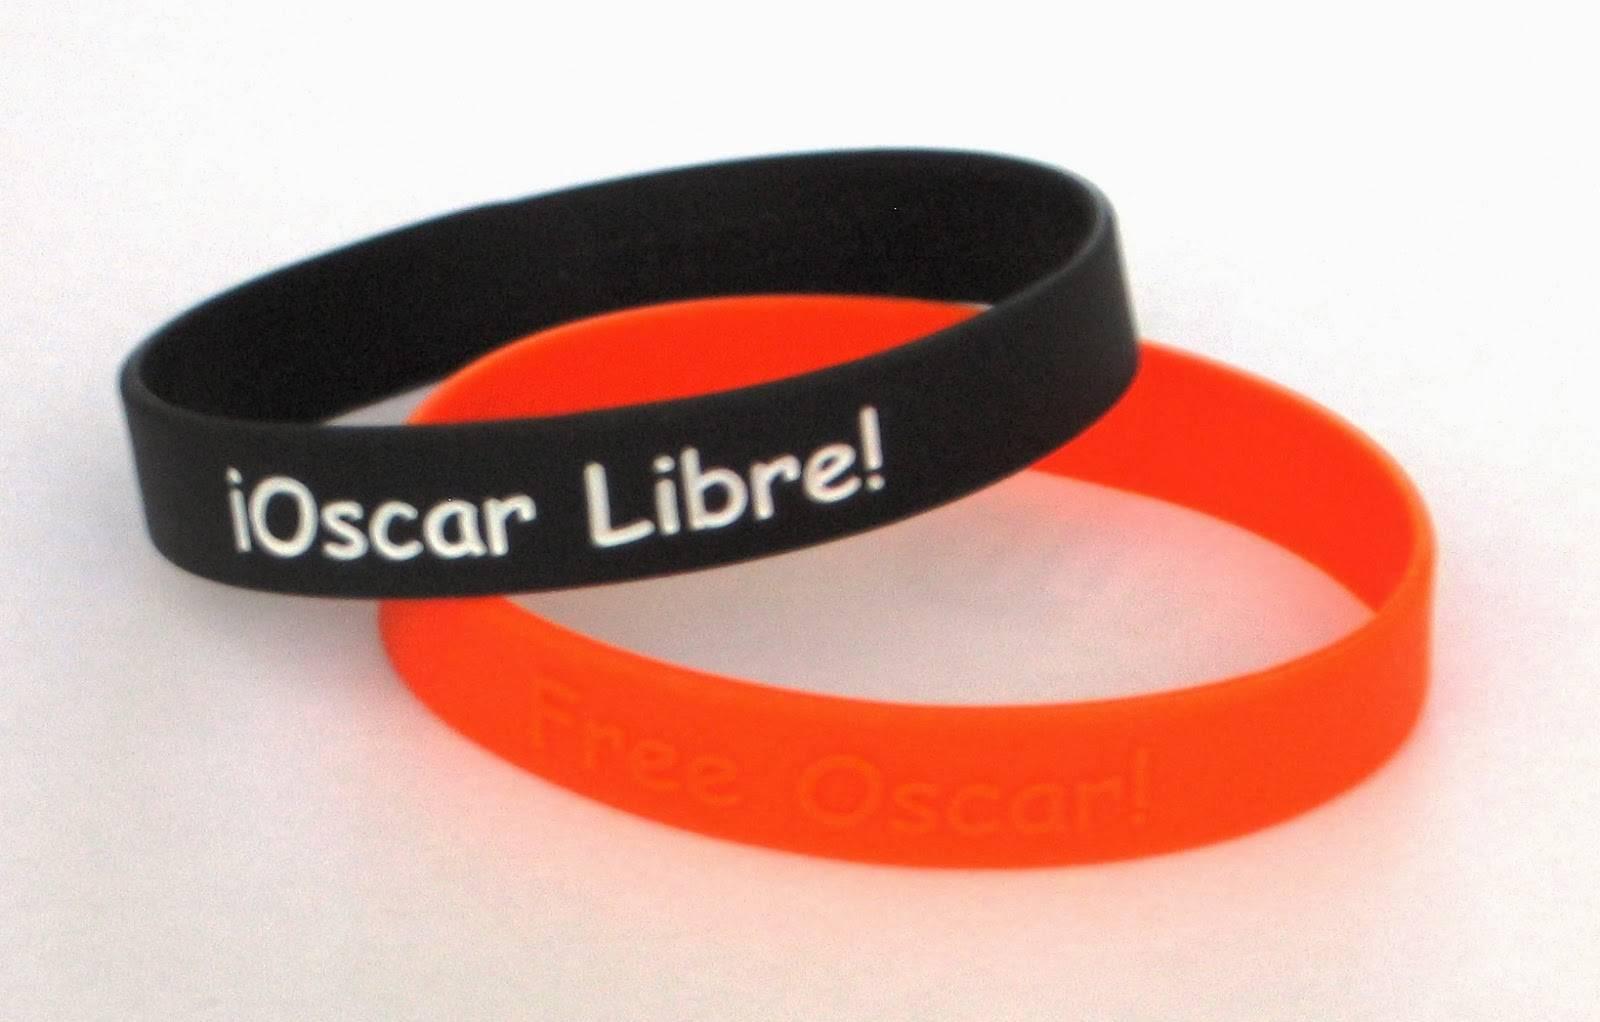 oscarbracelet-acd50ad5069379f0c4627770a040bf75.jpg